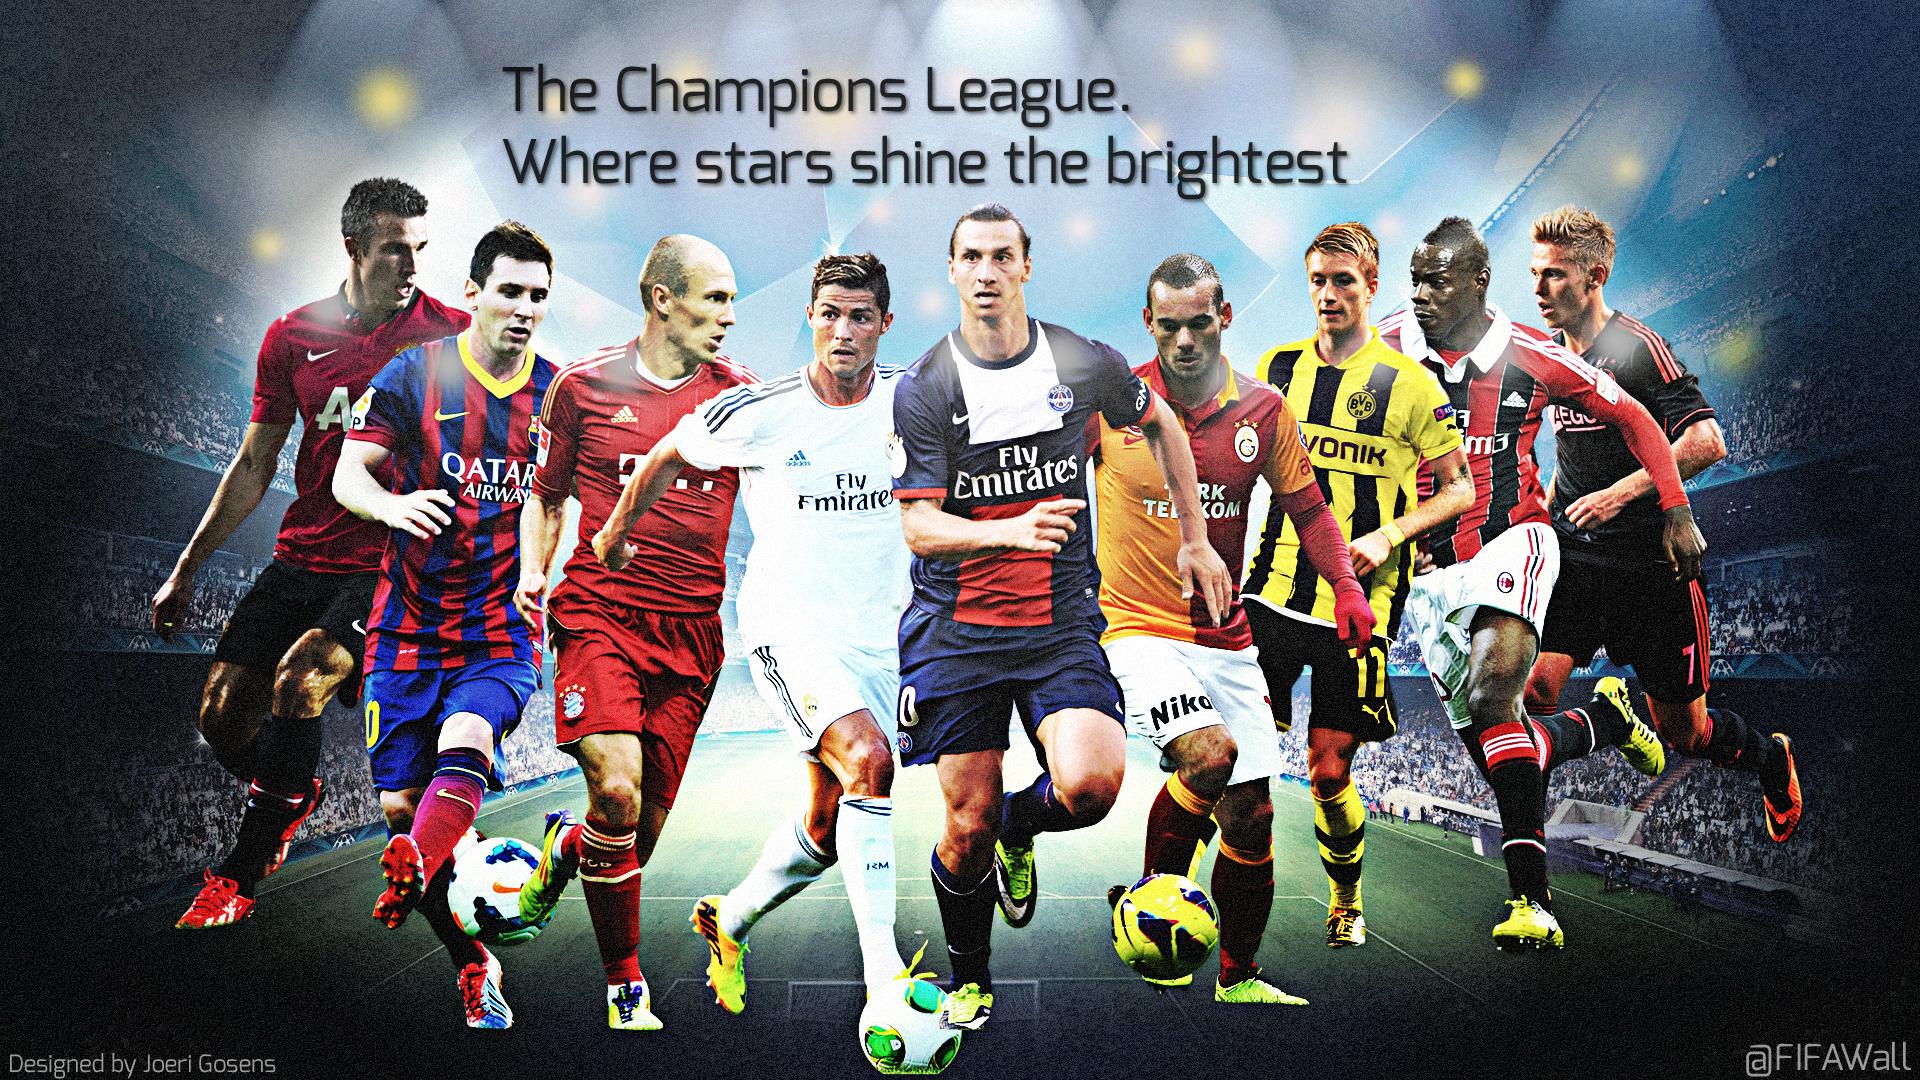 champions league wallpapers wallpapersafari